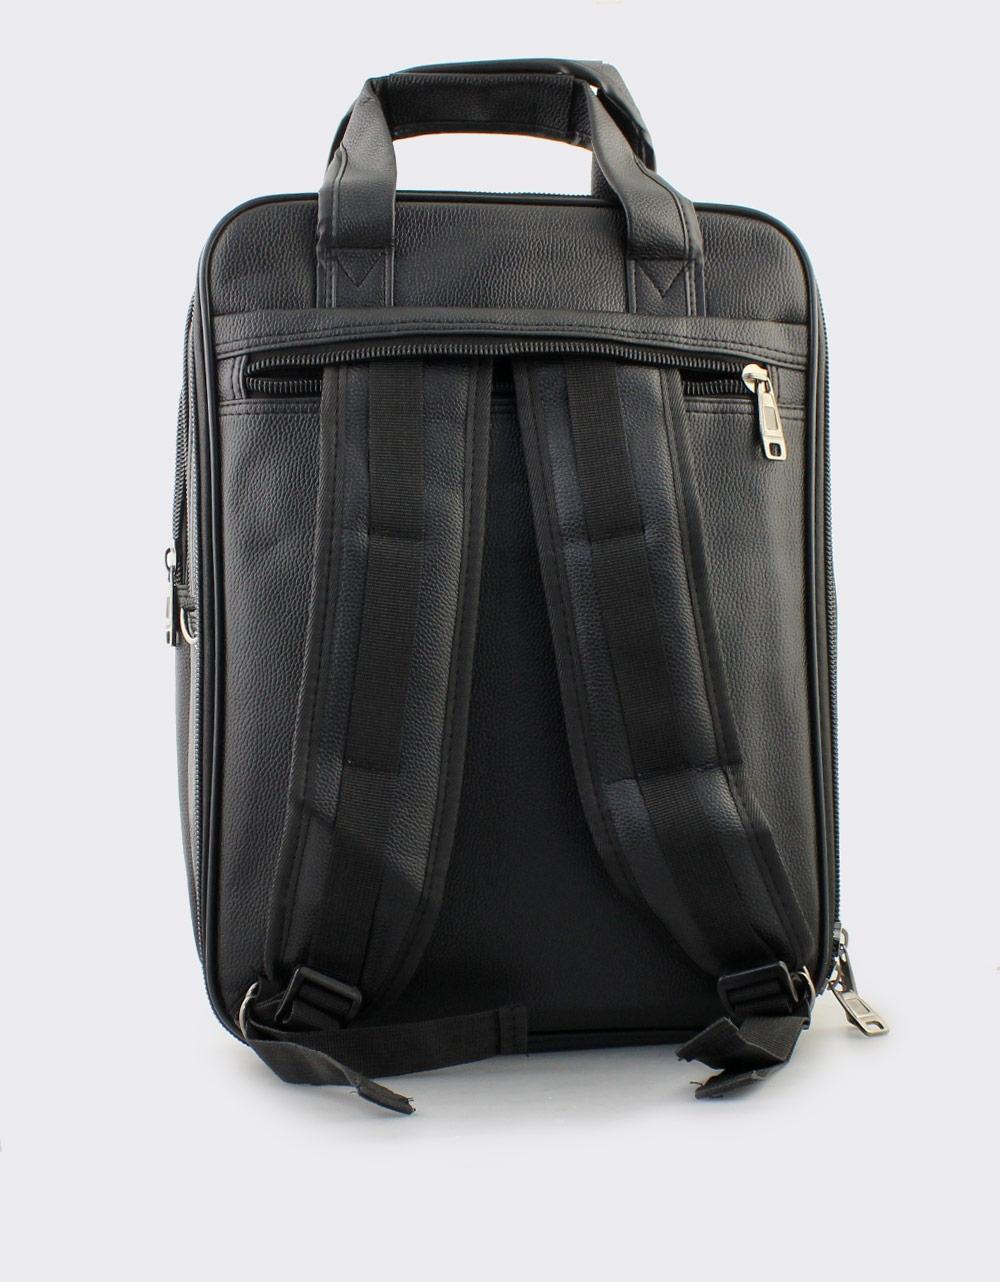 Εικόνα από Ανδρικές τσάντες επαγγελματικές με μεταλλικό διακοσμητικό Μαύρο